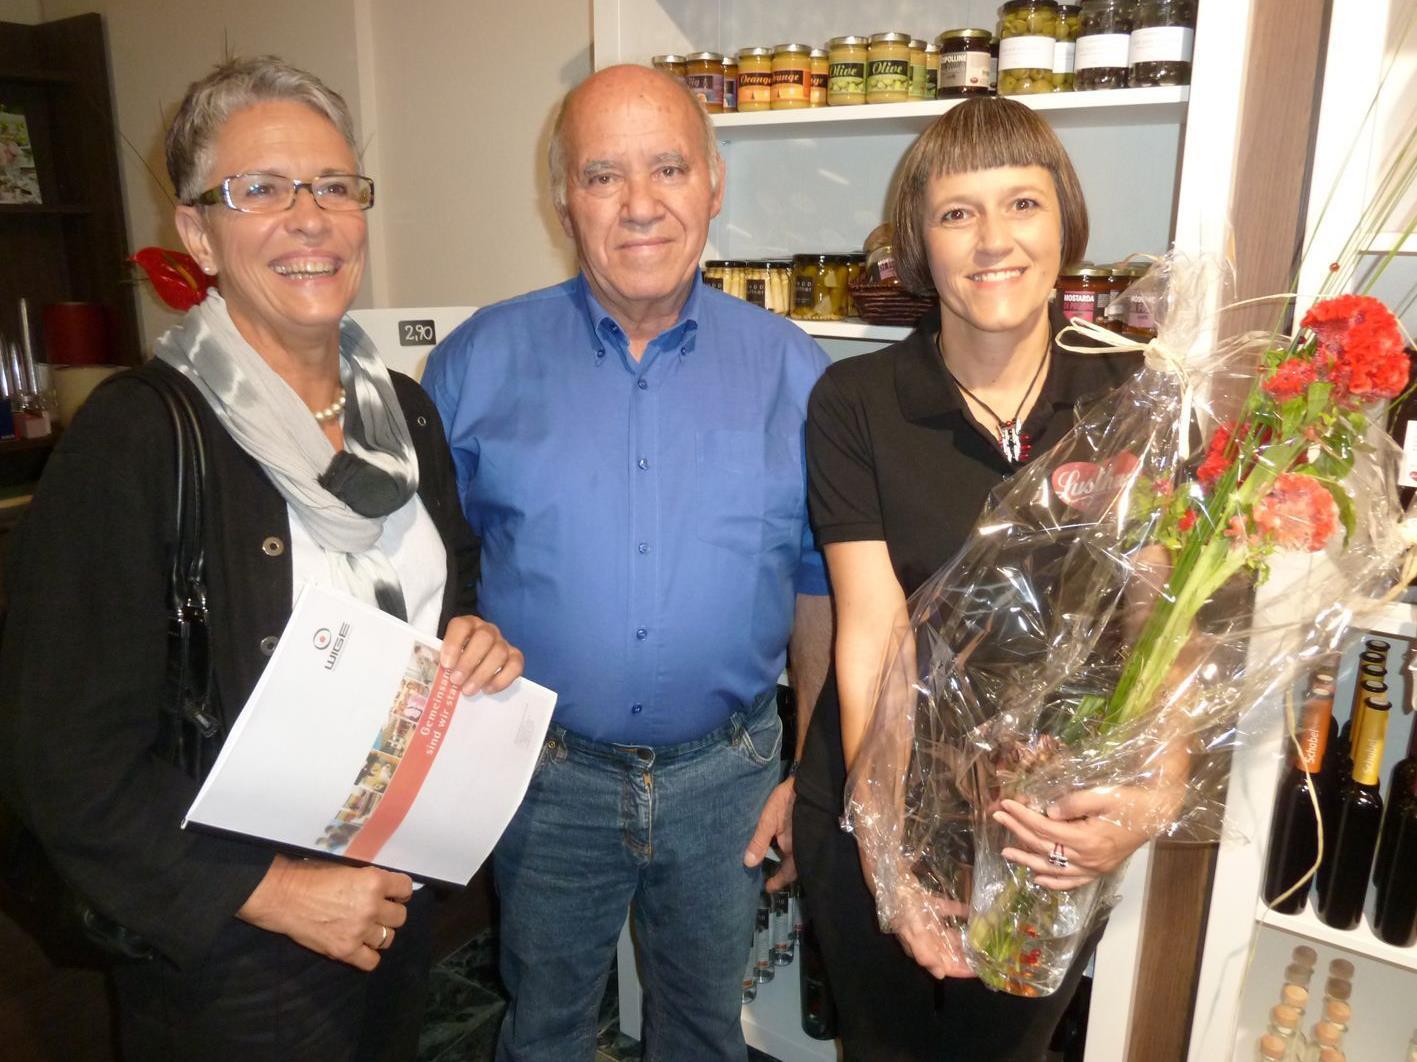 WIGE-Chefin Marianne Jaspers und Horst Wehinger gratulierten Bettina Egle zur Lusthaus-Eröffnung.